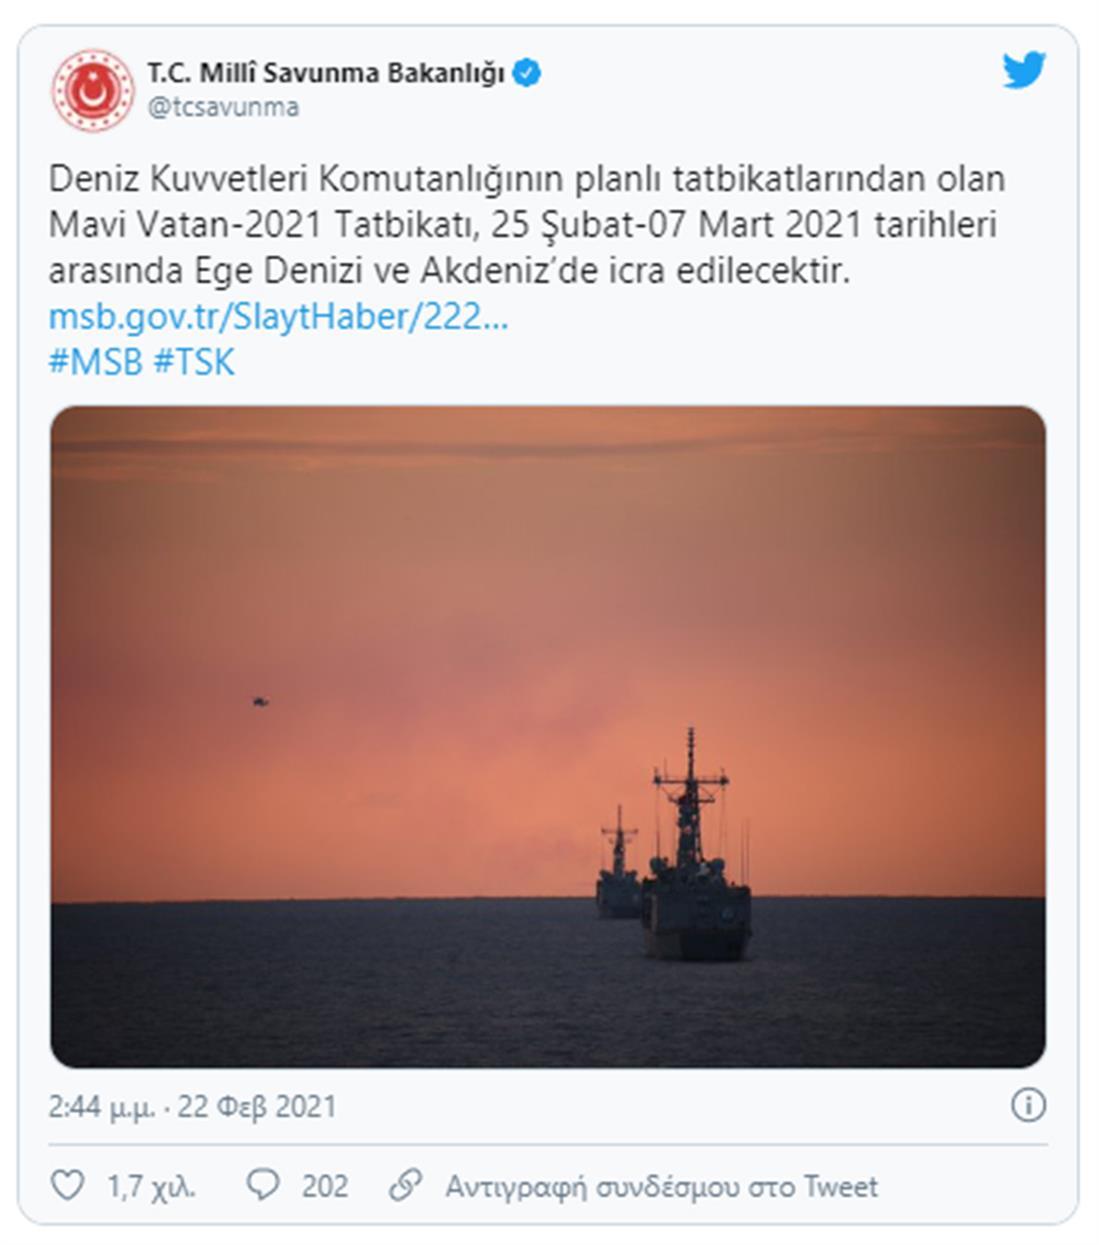 Τουρκία - άσκηση - Γαλάζια Πατρίδα